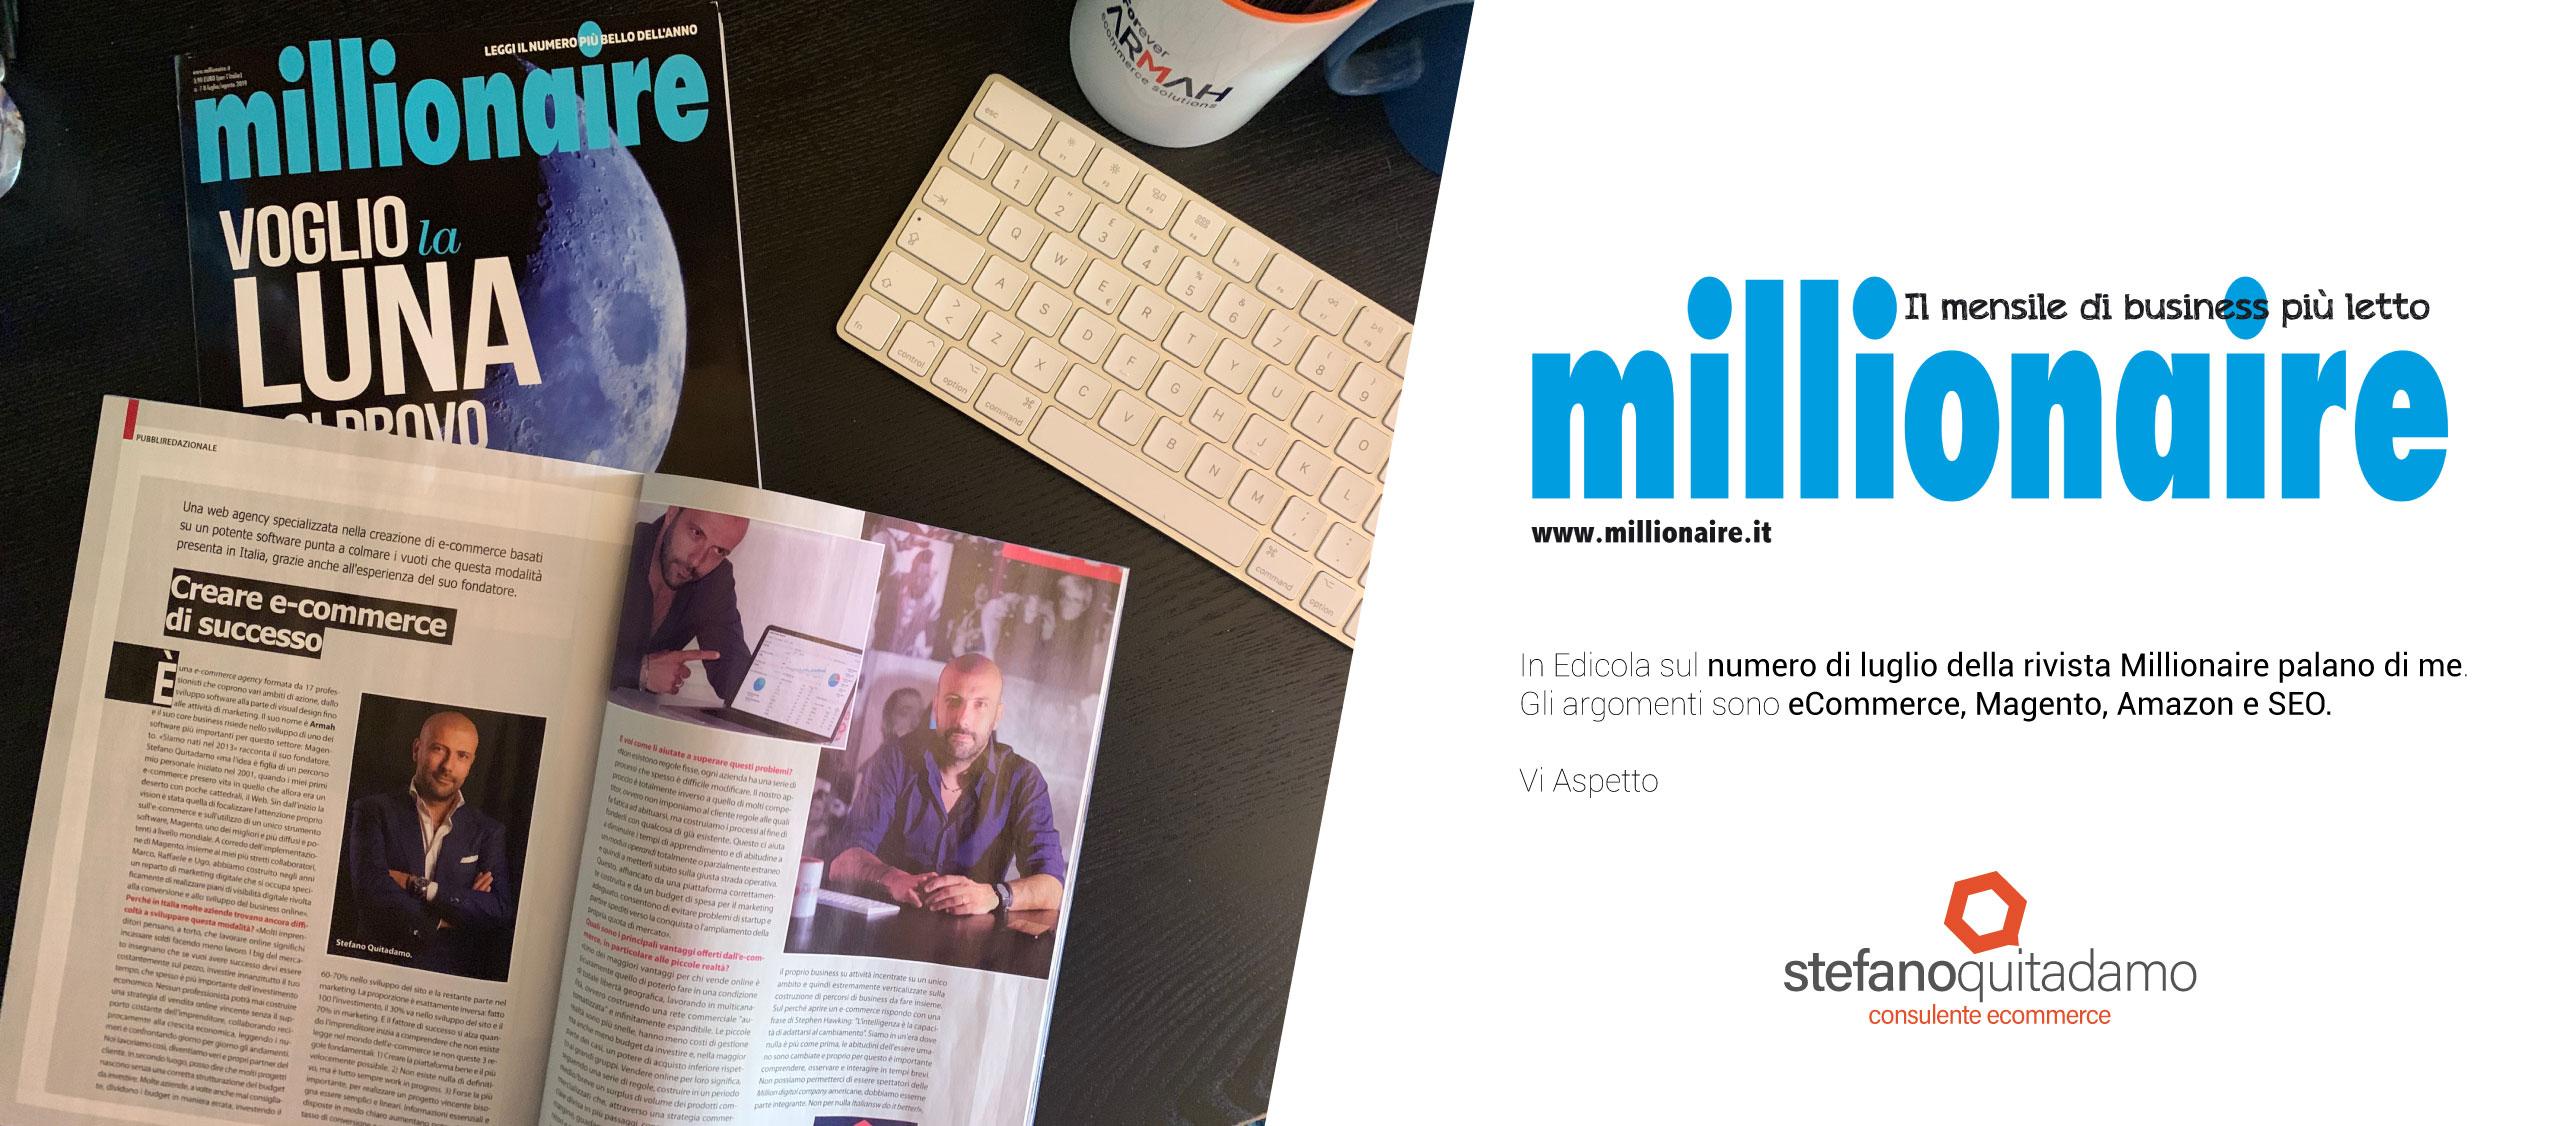 Intervista a Stefano Quitadamo su Millionaire Luglio/Agosto